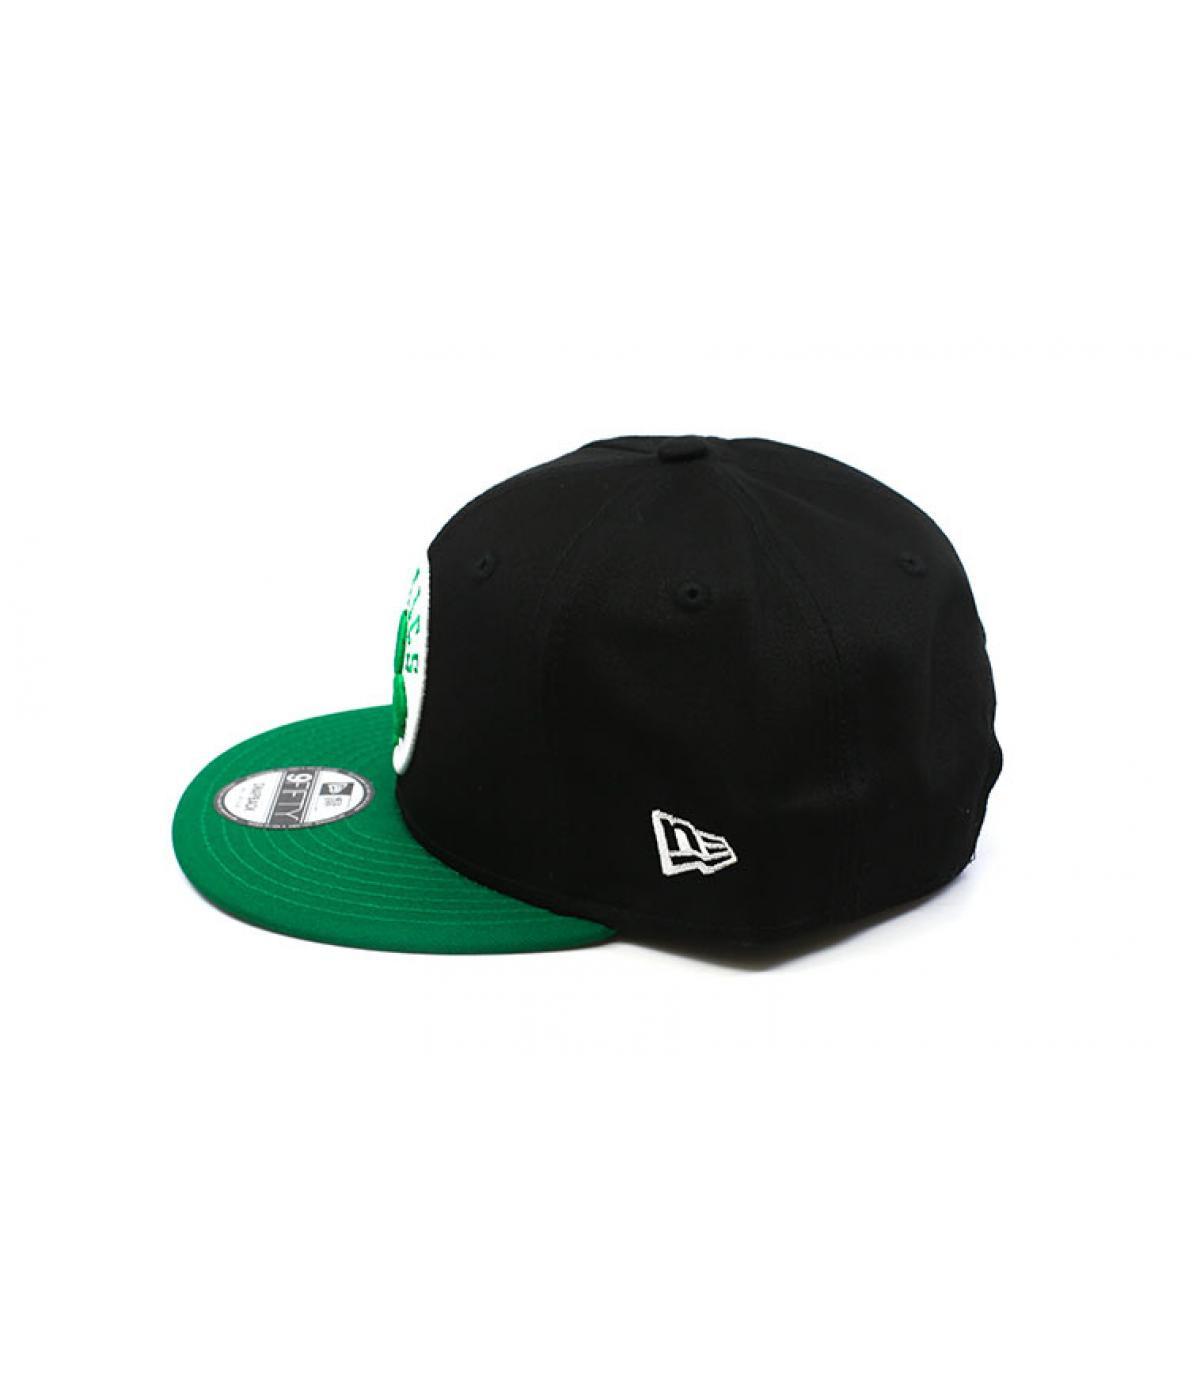 Détails Snapback NBA Celtics 950 - image 4